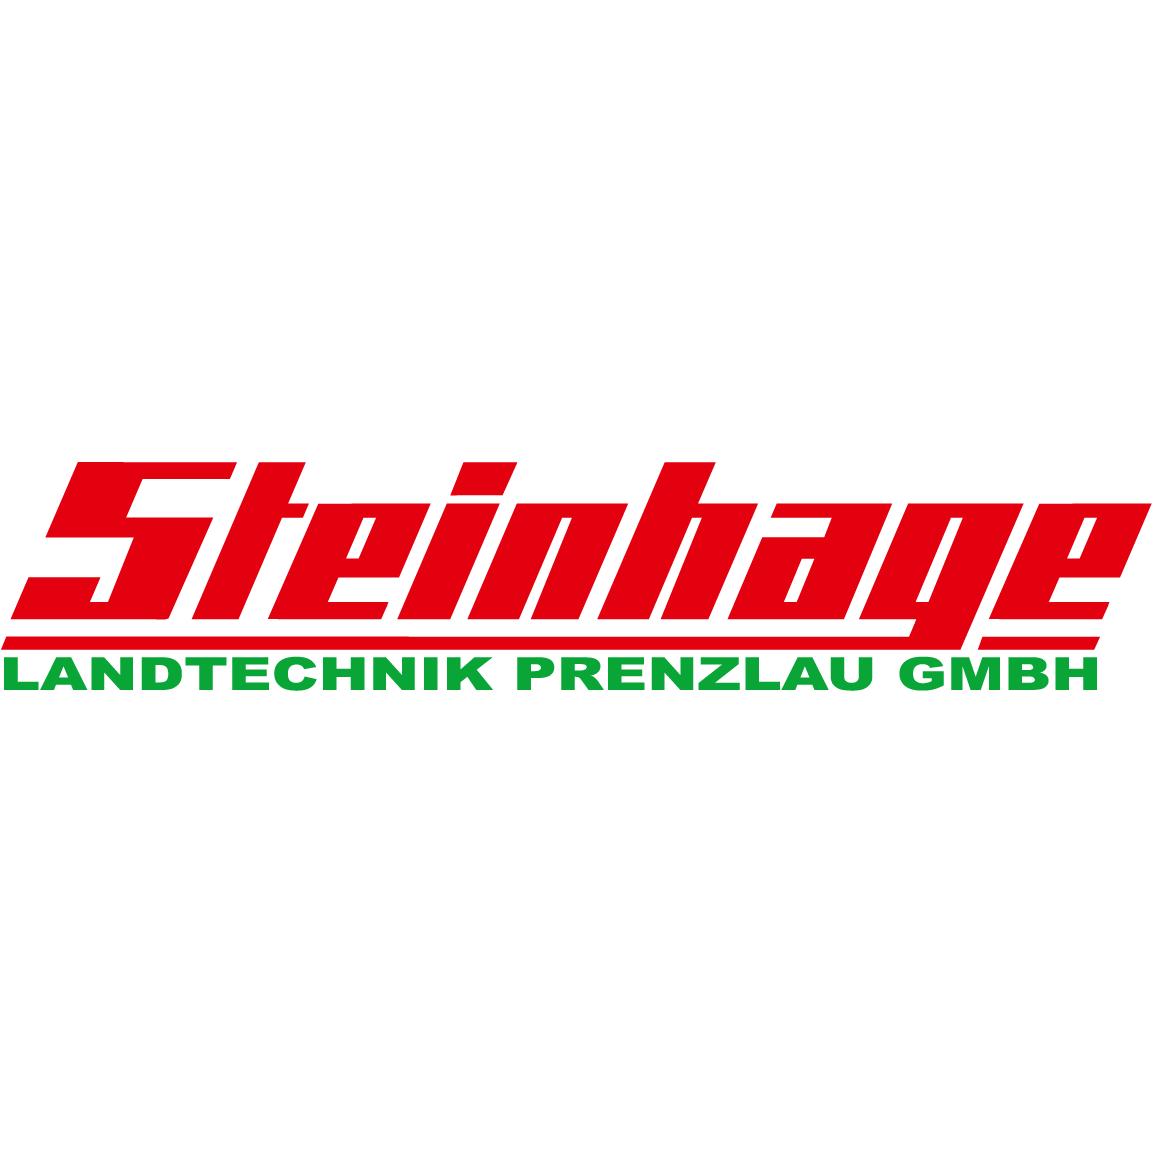 Bild zu Steinhage Landtechnik Prenzlau GmbH in Seelübbe Stadt Prenzlau